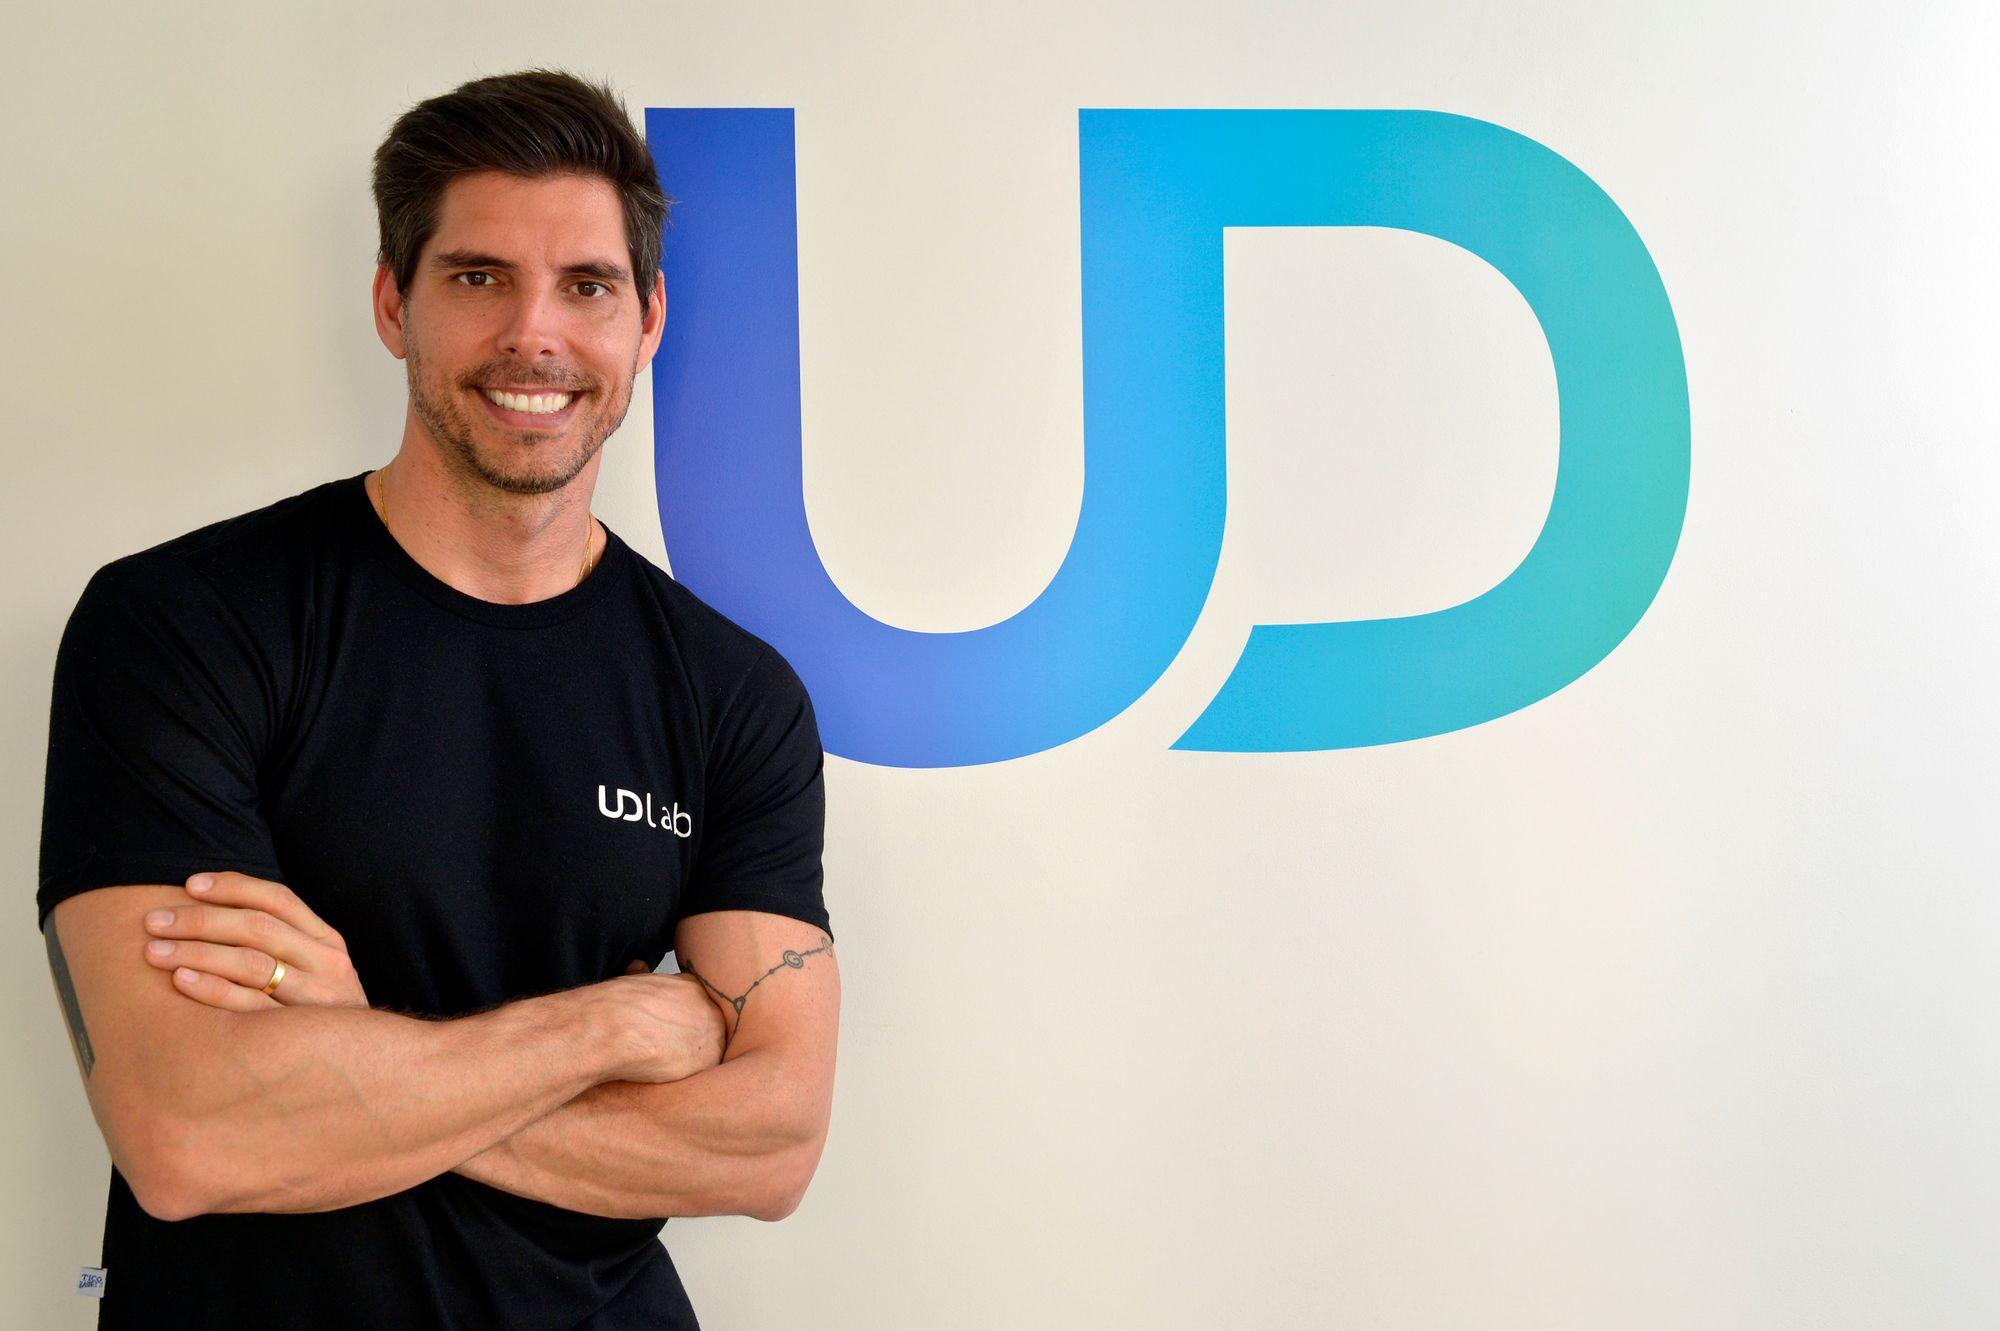 Odontotech UDlab promove ação para aquecer mercado